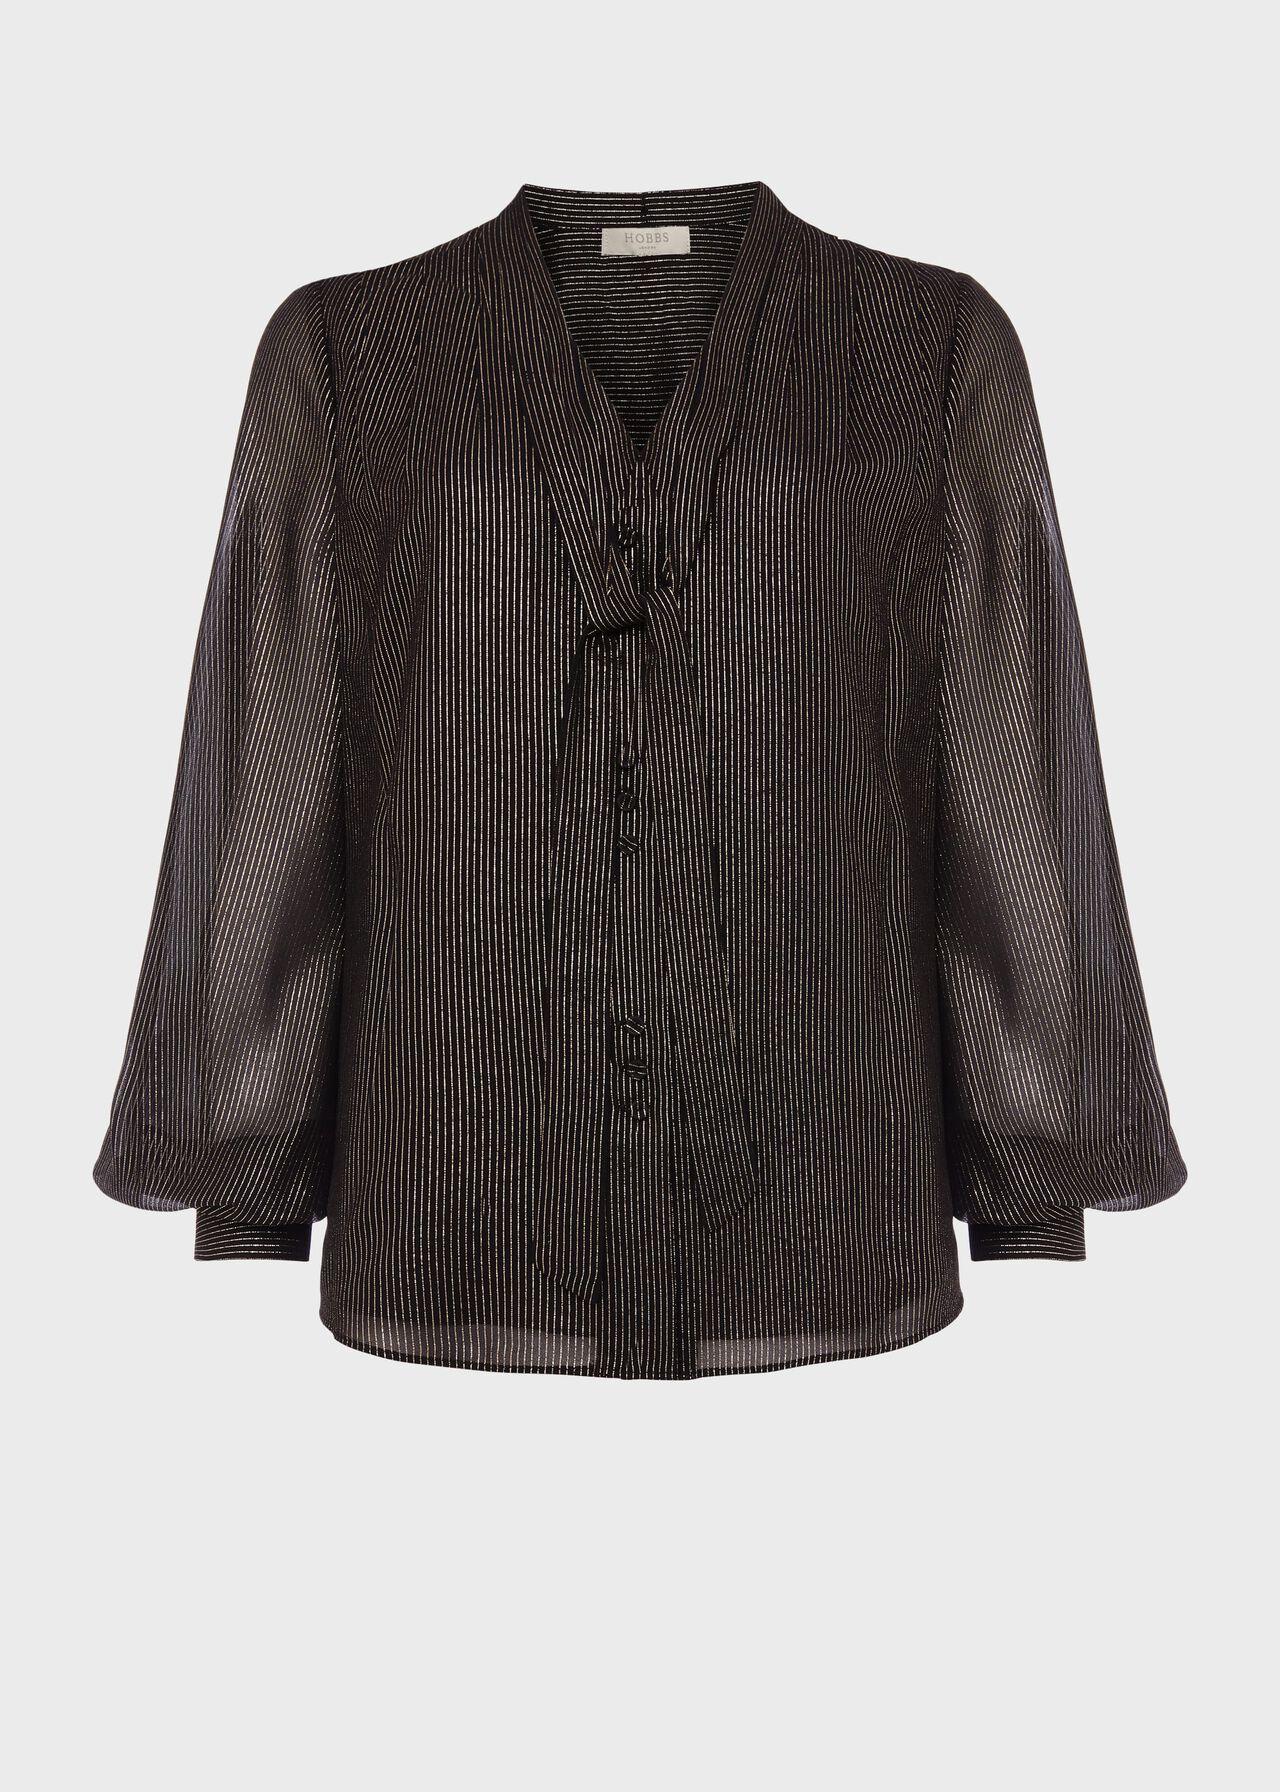 Wren Stripe Blouse Black Gold